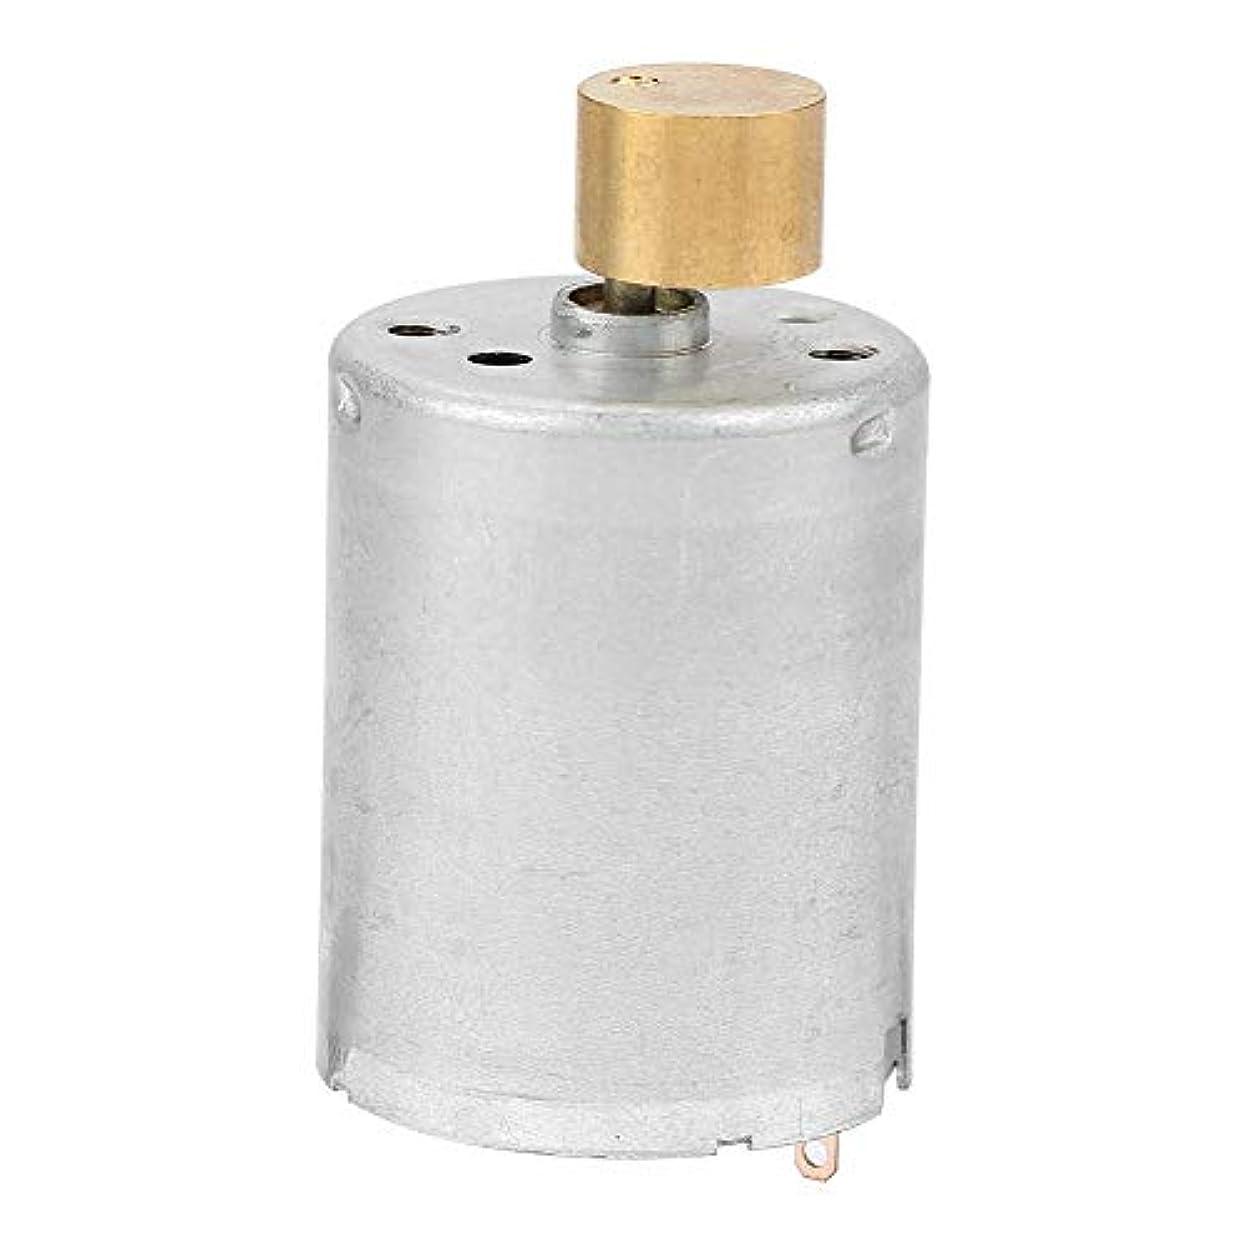 ブルーベルいらいらさせるかもめ振動モーター、RF370 DCマッサージ装置用ミニ強力振動振動モーター12V